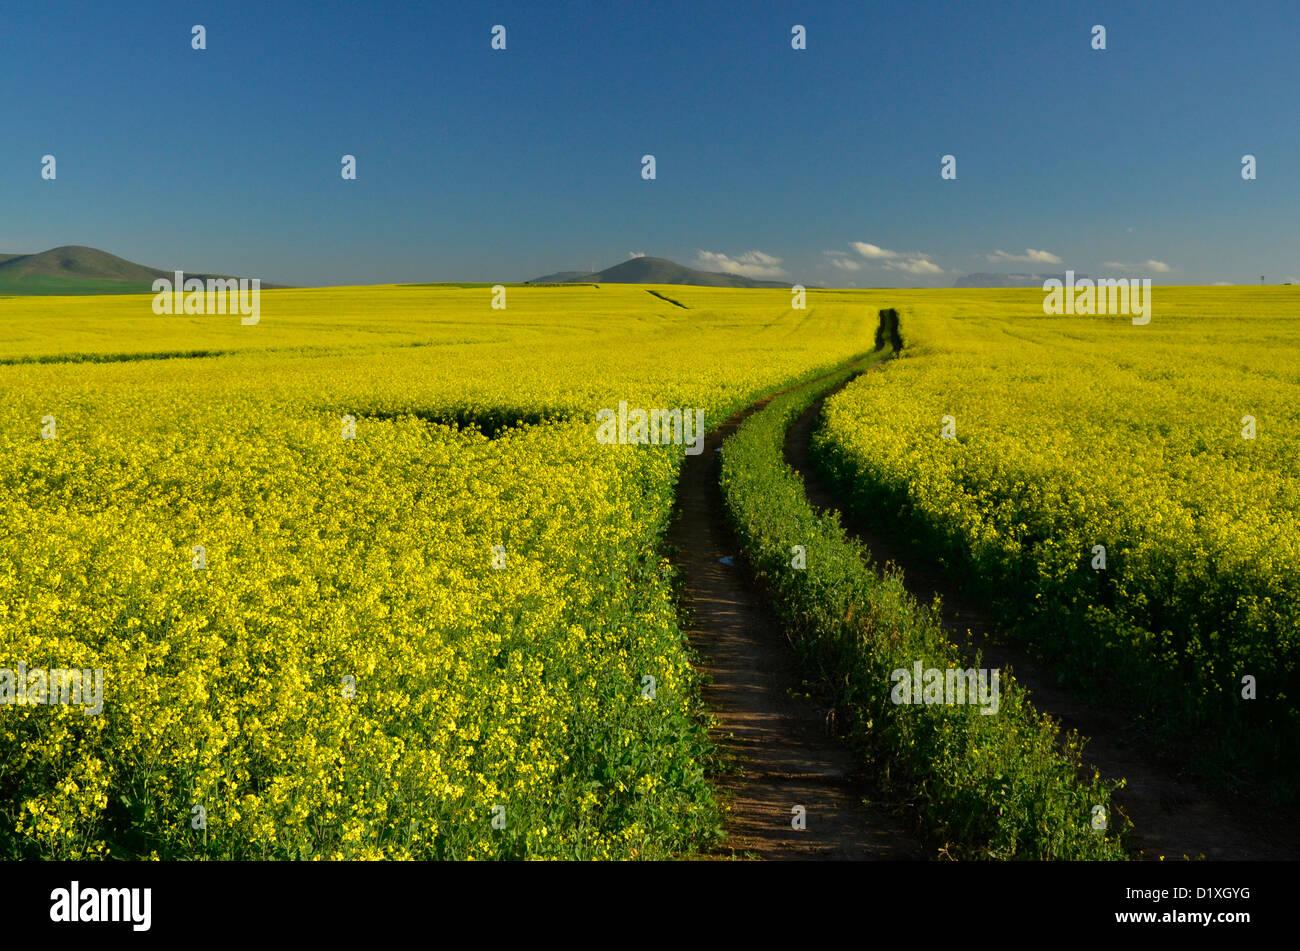 Campo De Colza Amarillos Con La Ruta Que Conduce A Distancia Donde